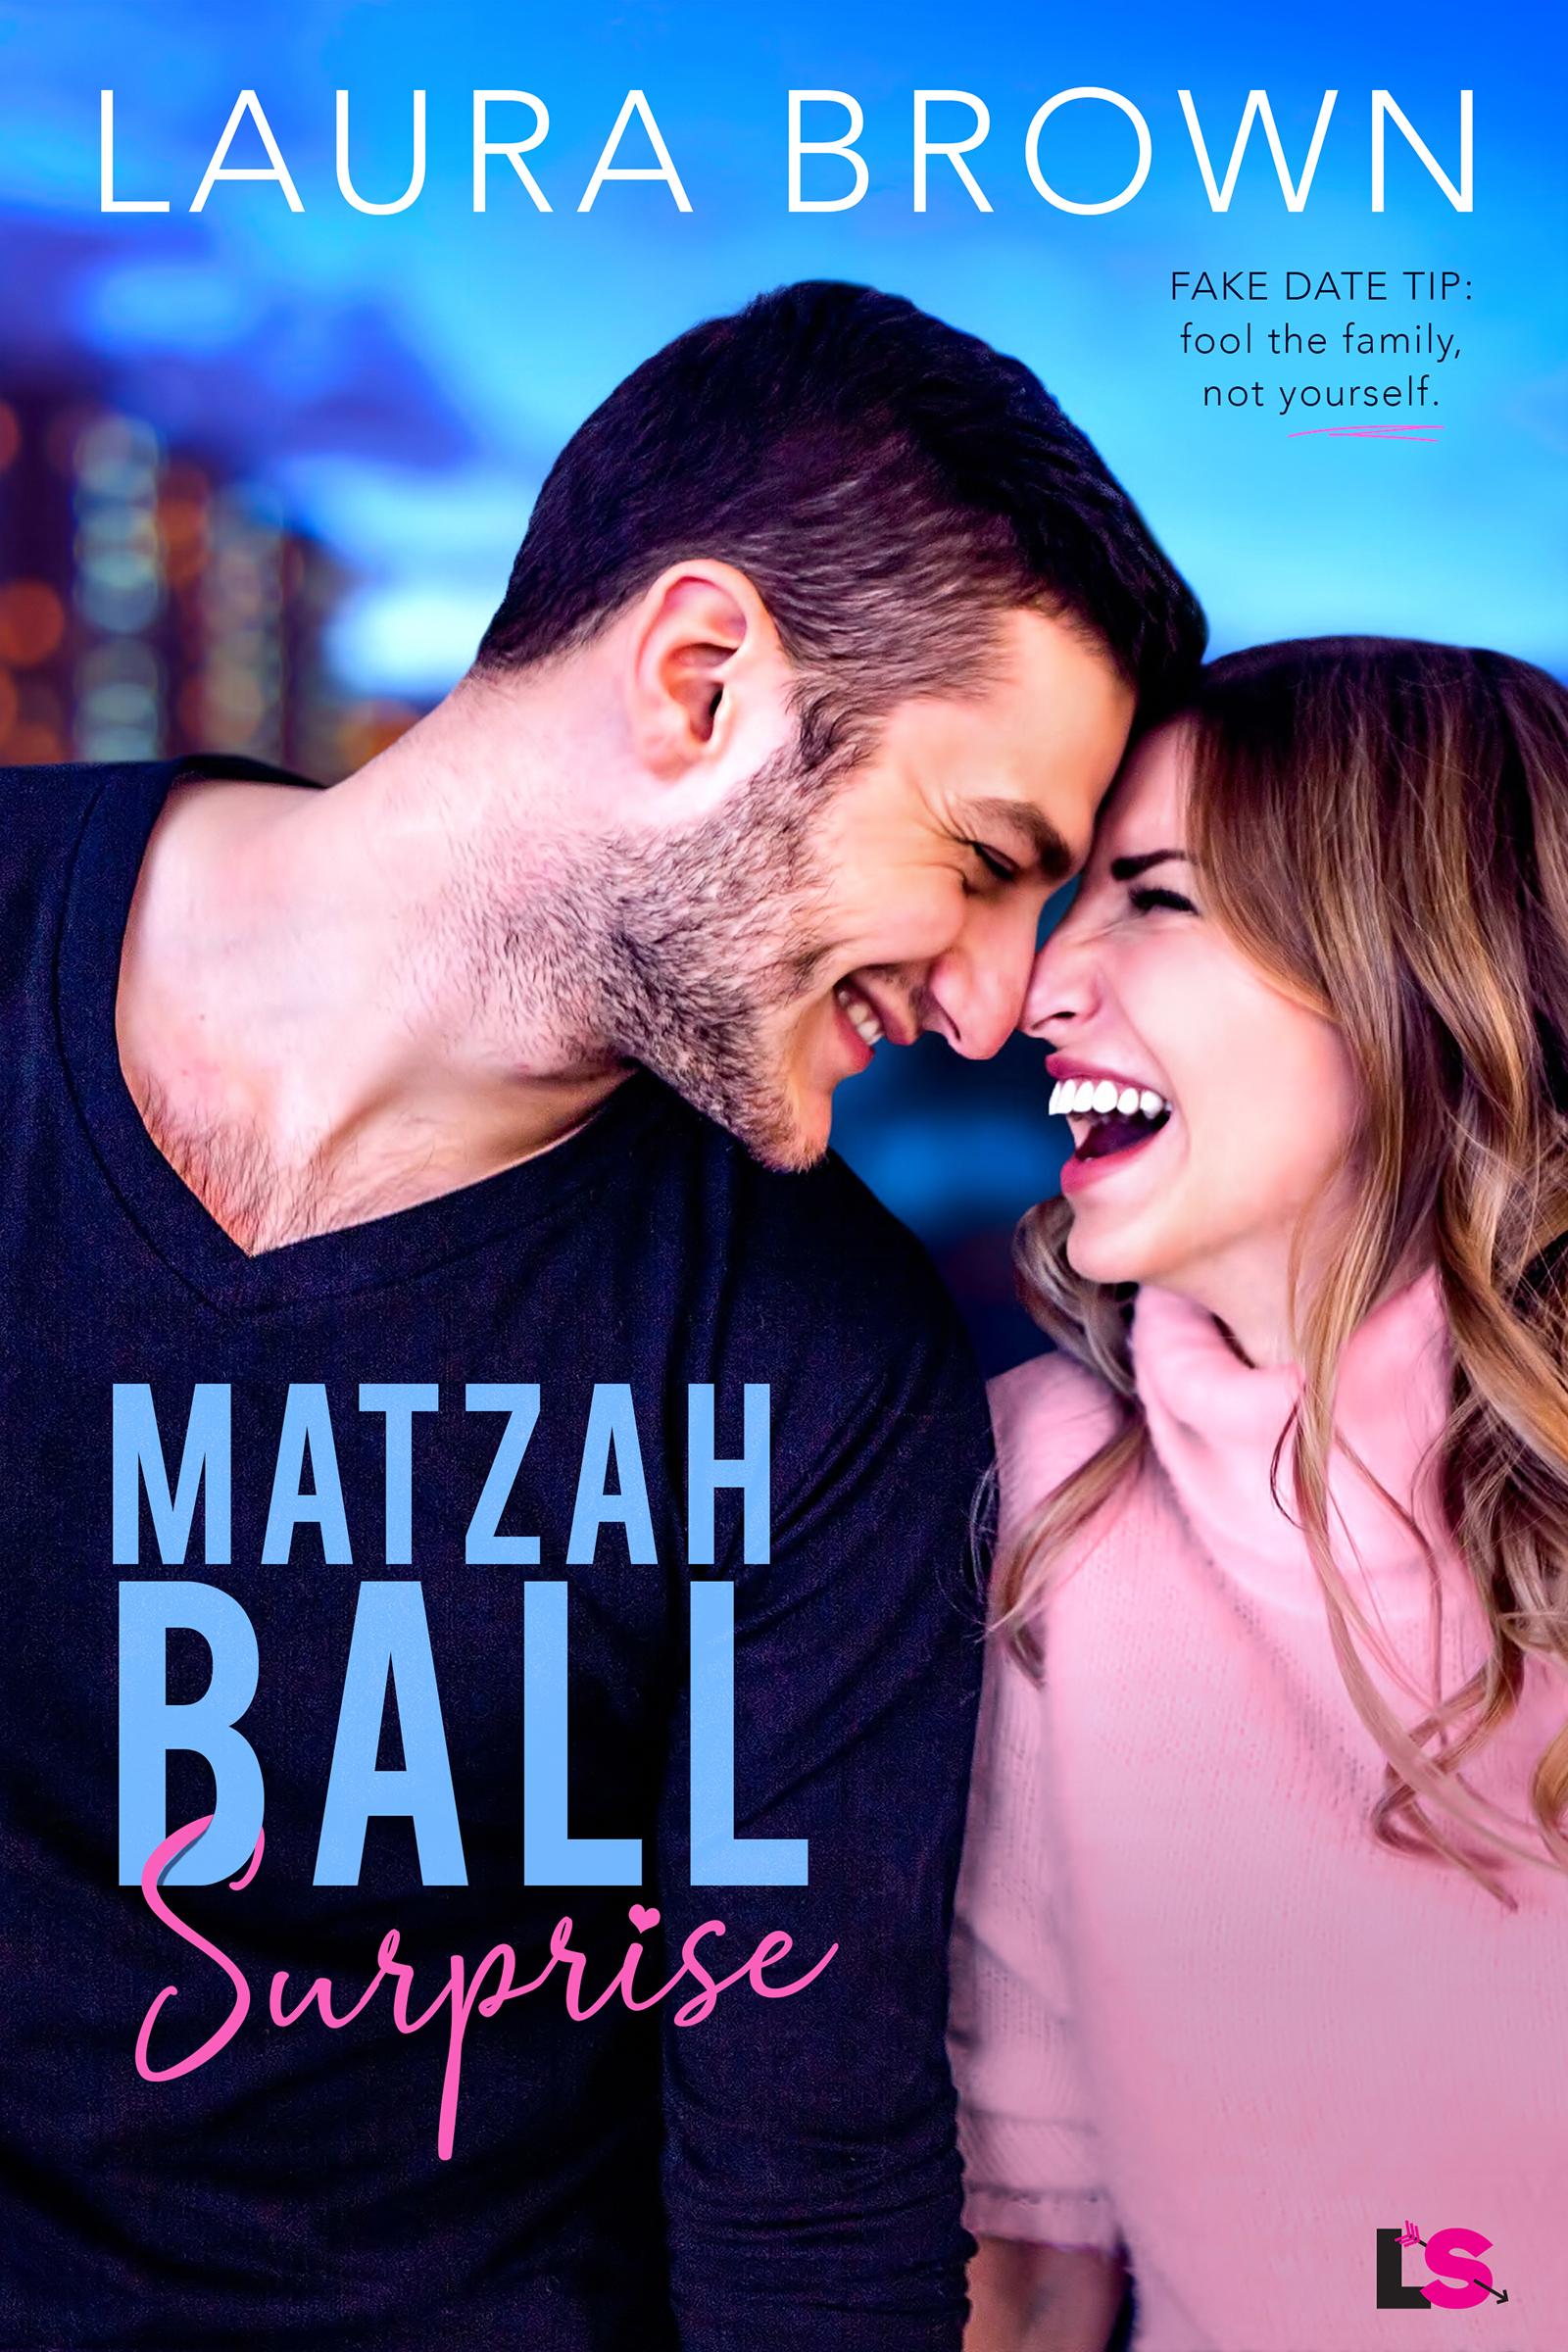 MatzahBallSurprise_1600